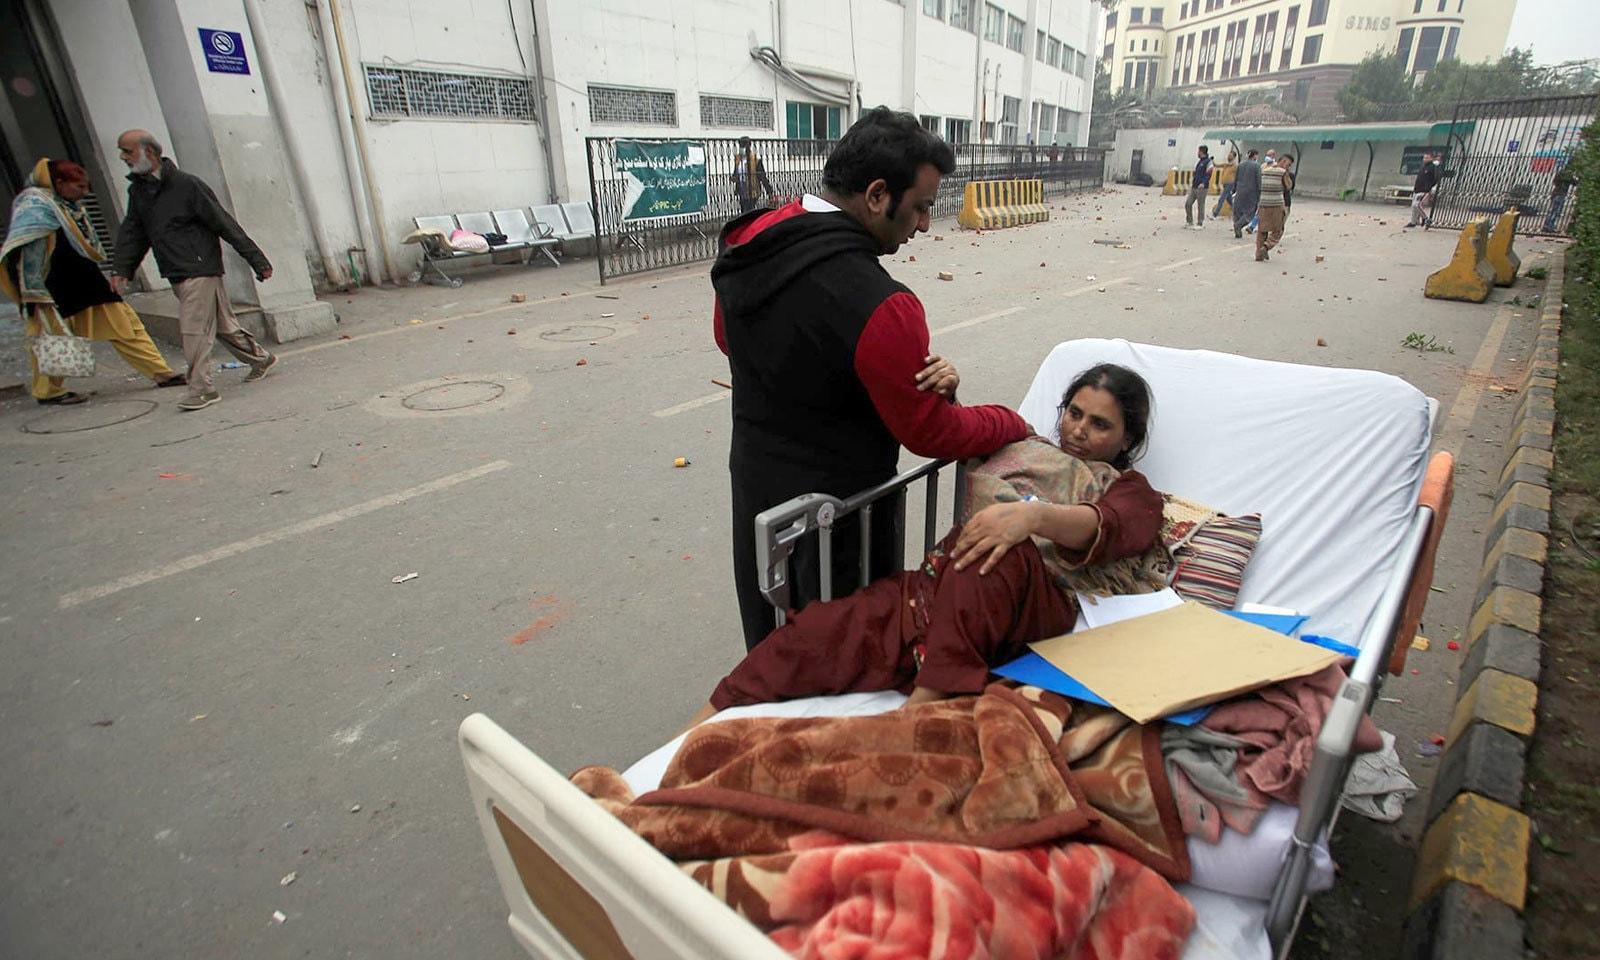 مریضوں اور ان کے اہلِ خانہ کو شدید مشکلات کا سامنا کرنا پڑا — فوٹو: رائٹرز